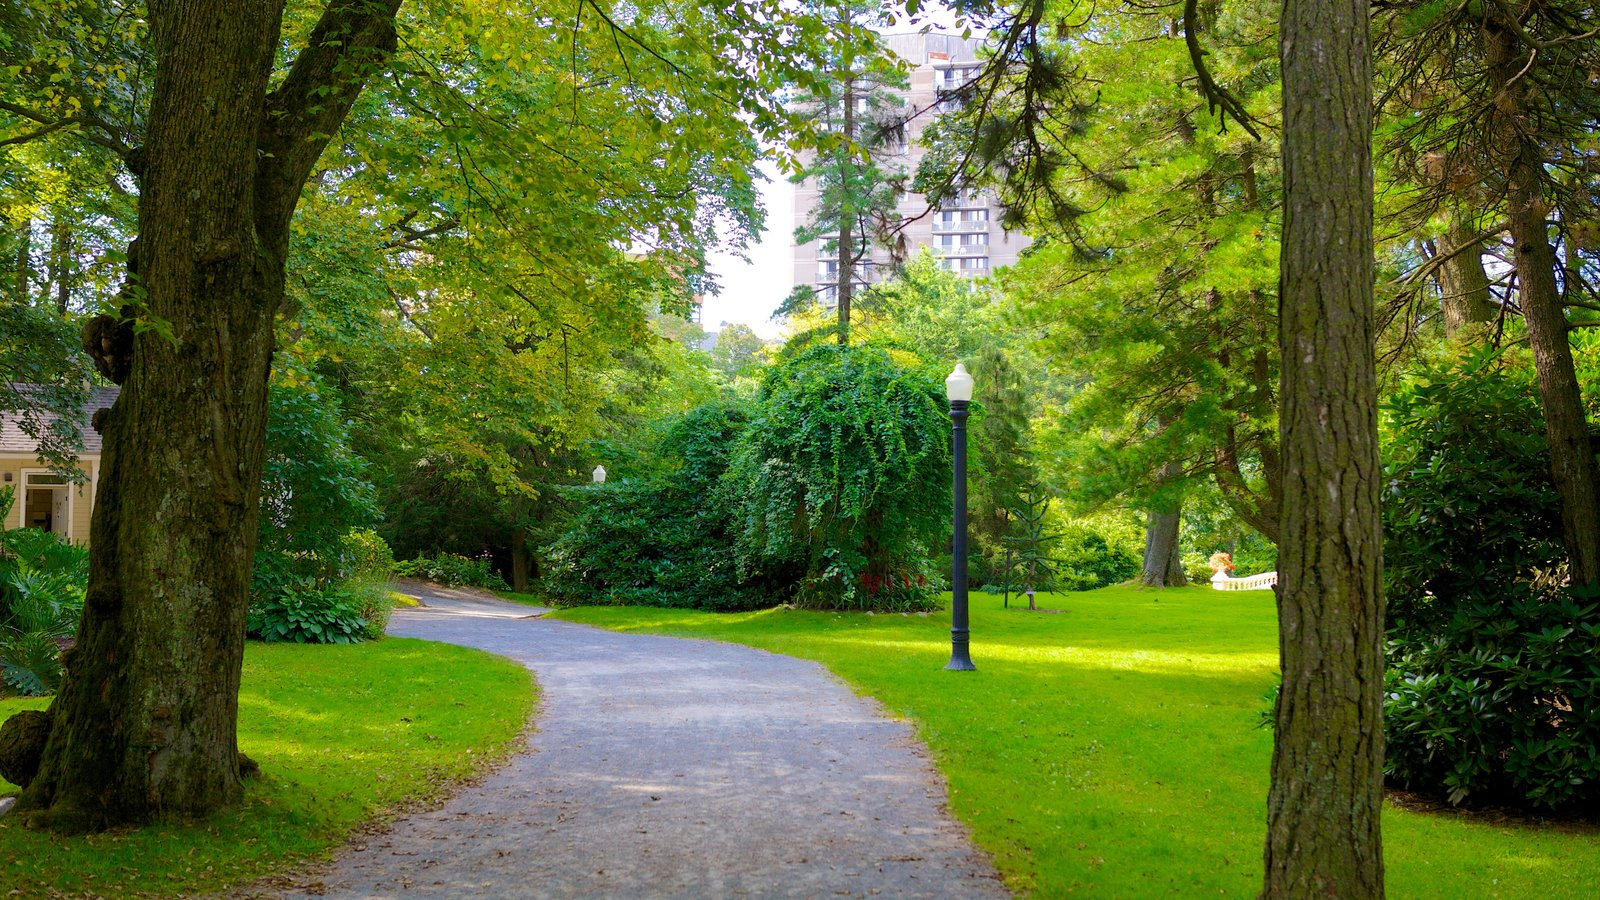 Jardines públicos Halifax que incluye un jardín